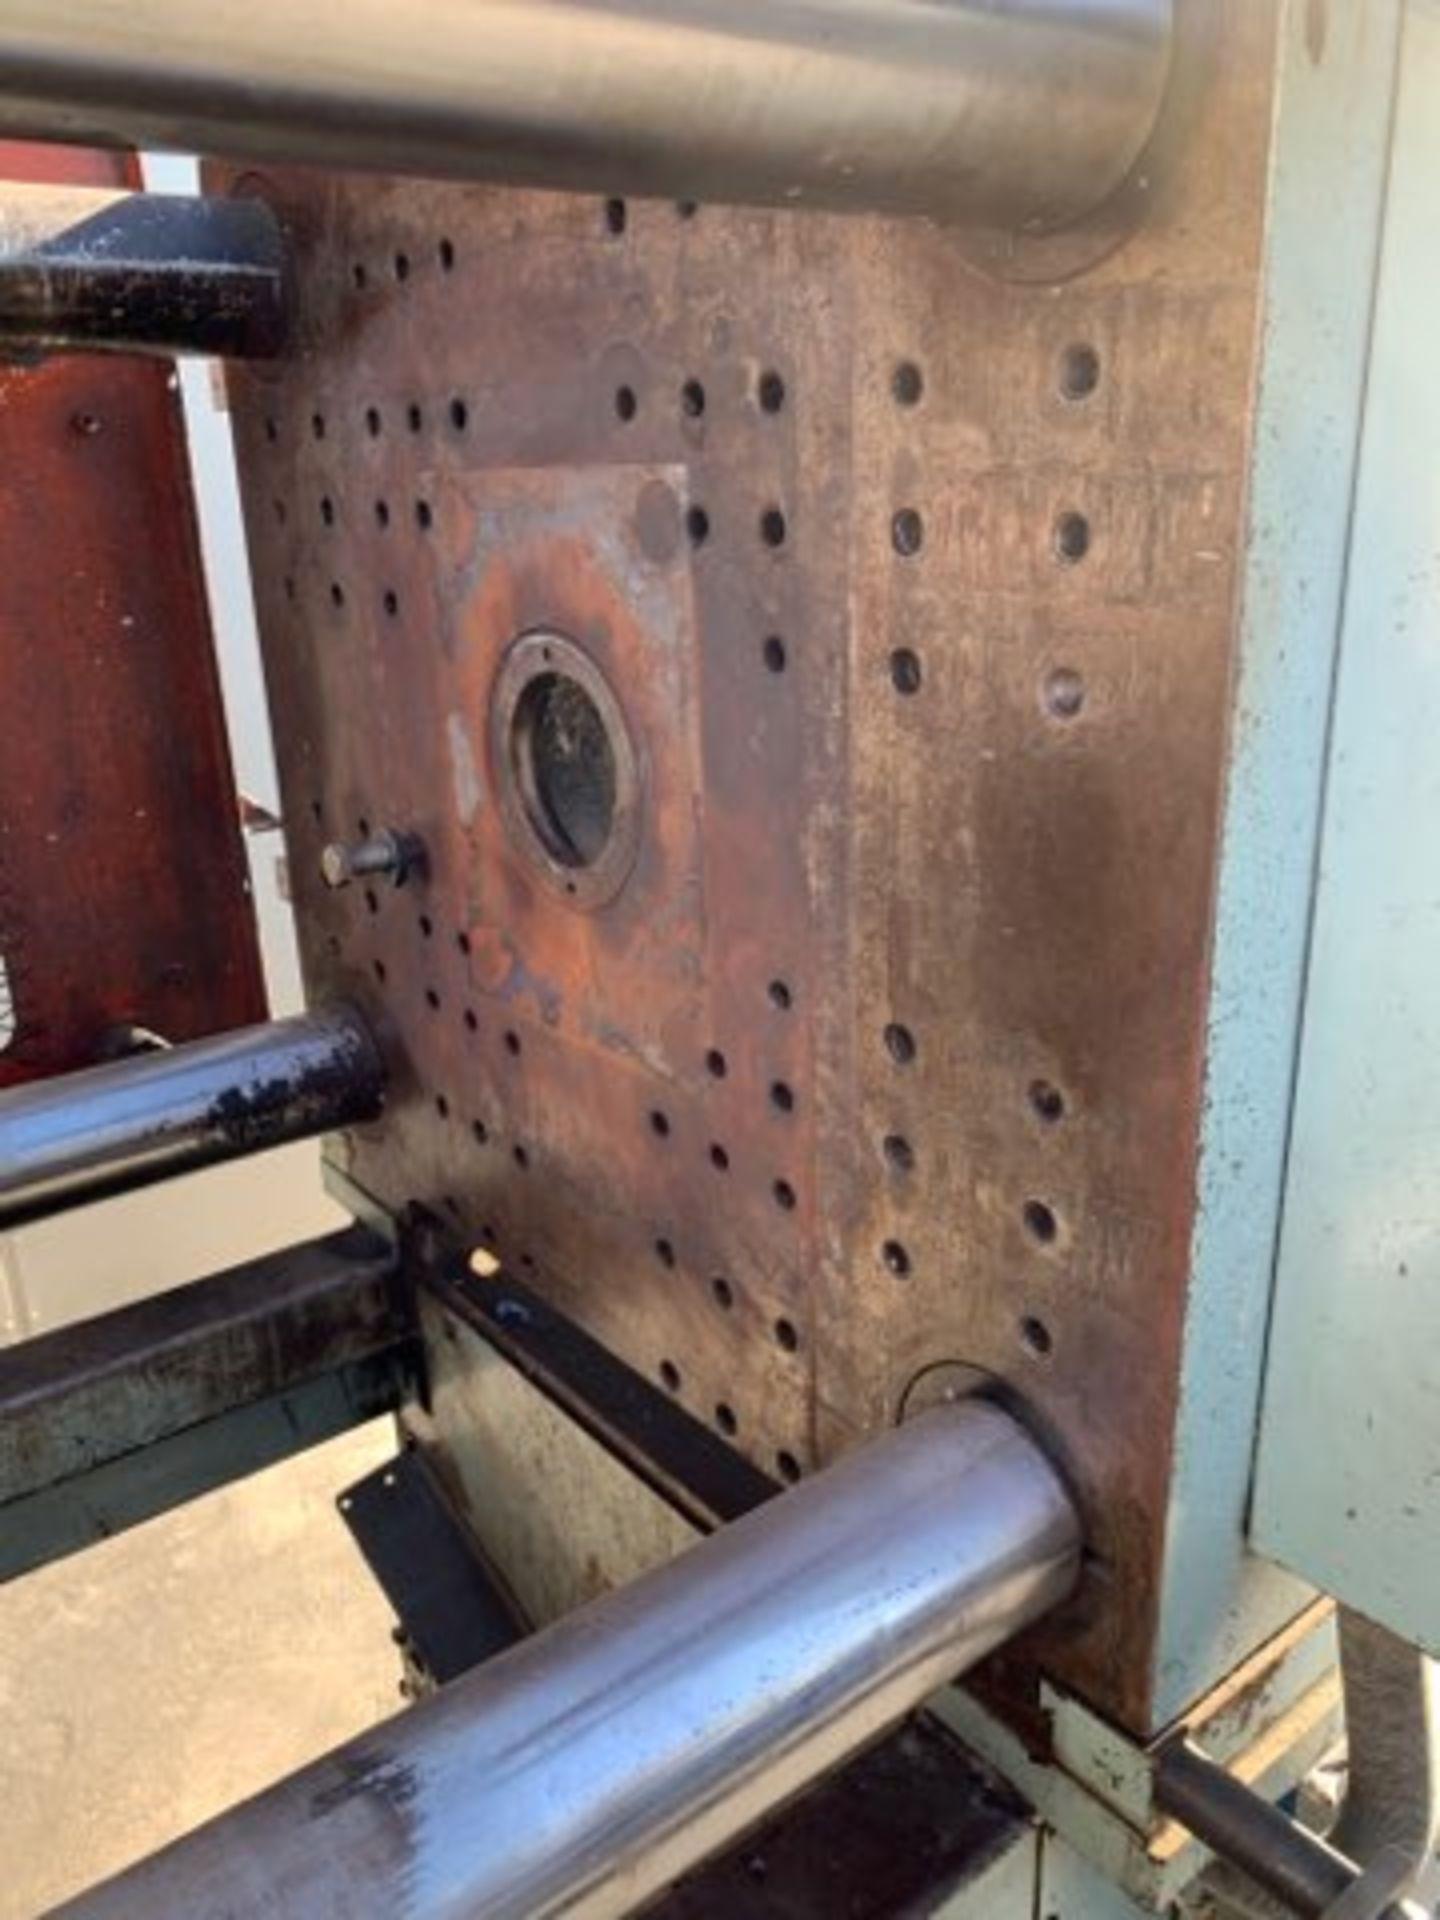 225 TON TOSHIBA ISC225 INJECTION MOLDING MACHINE - Image 4 of 4